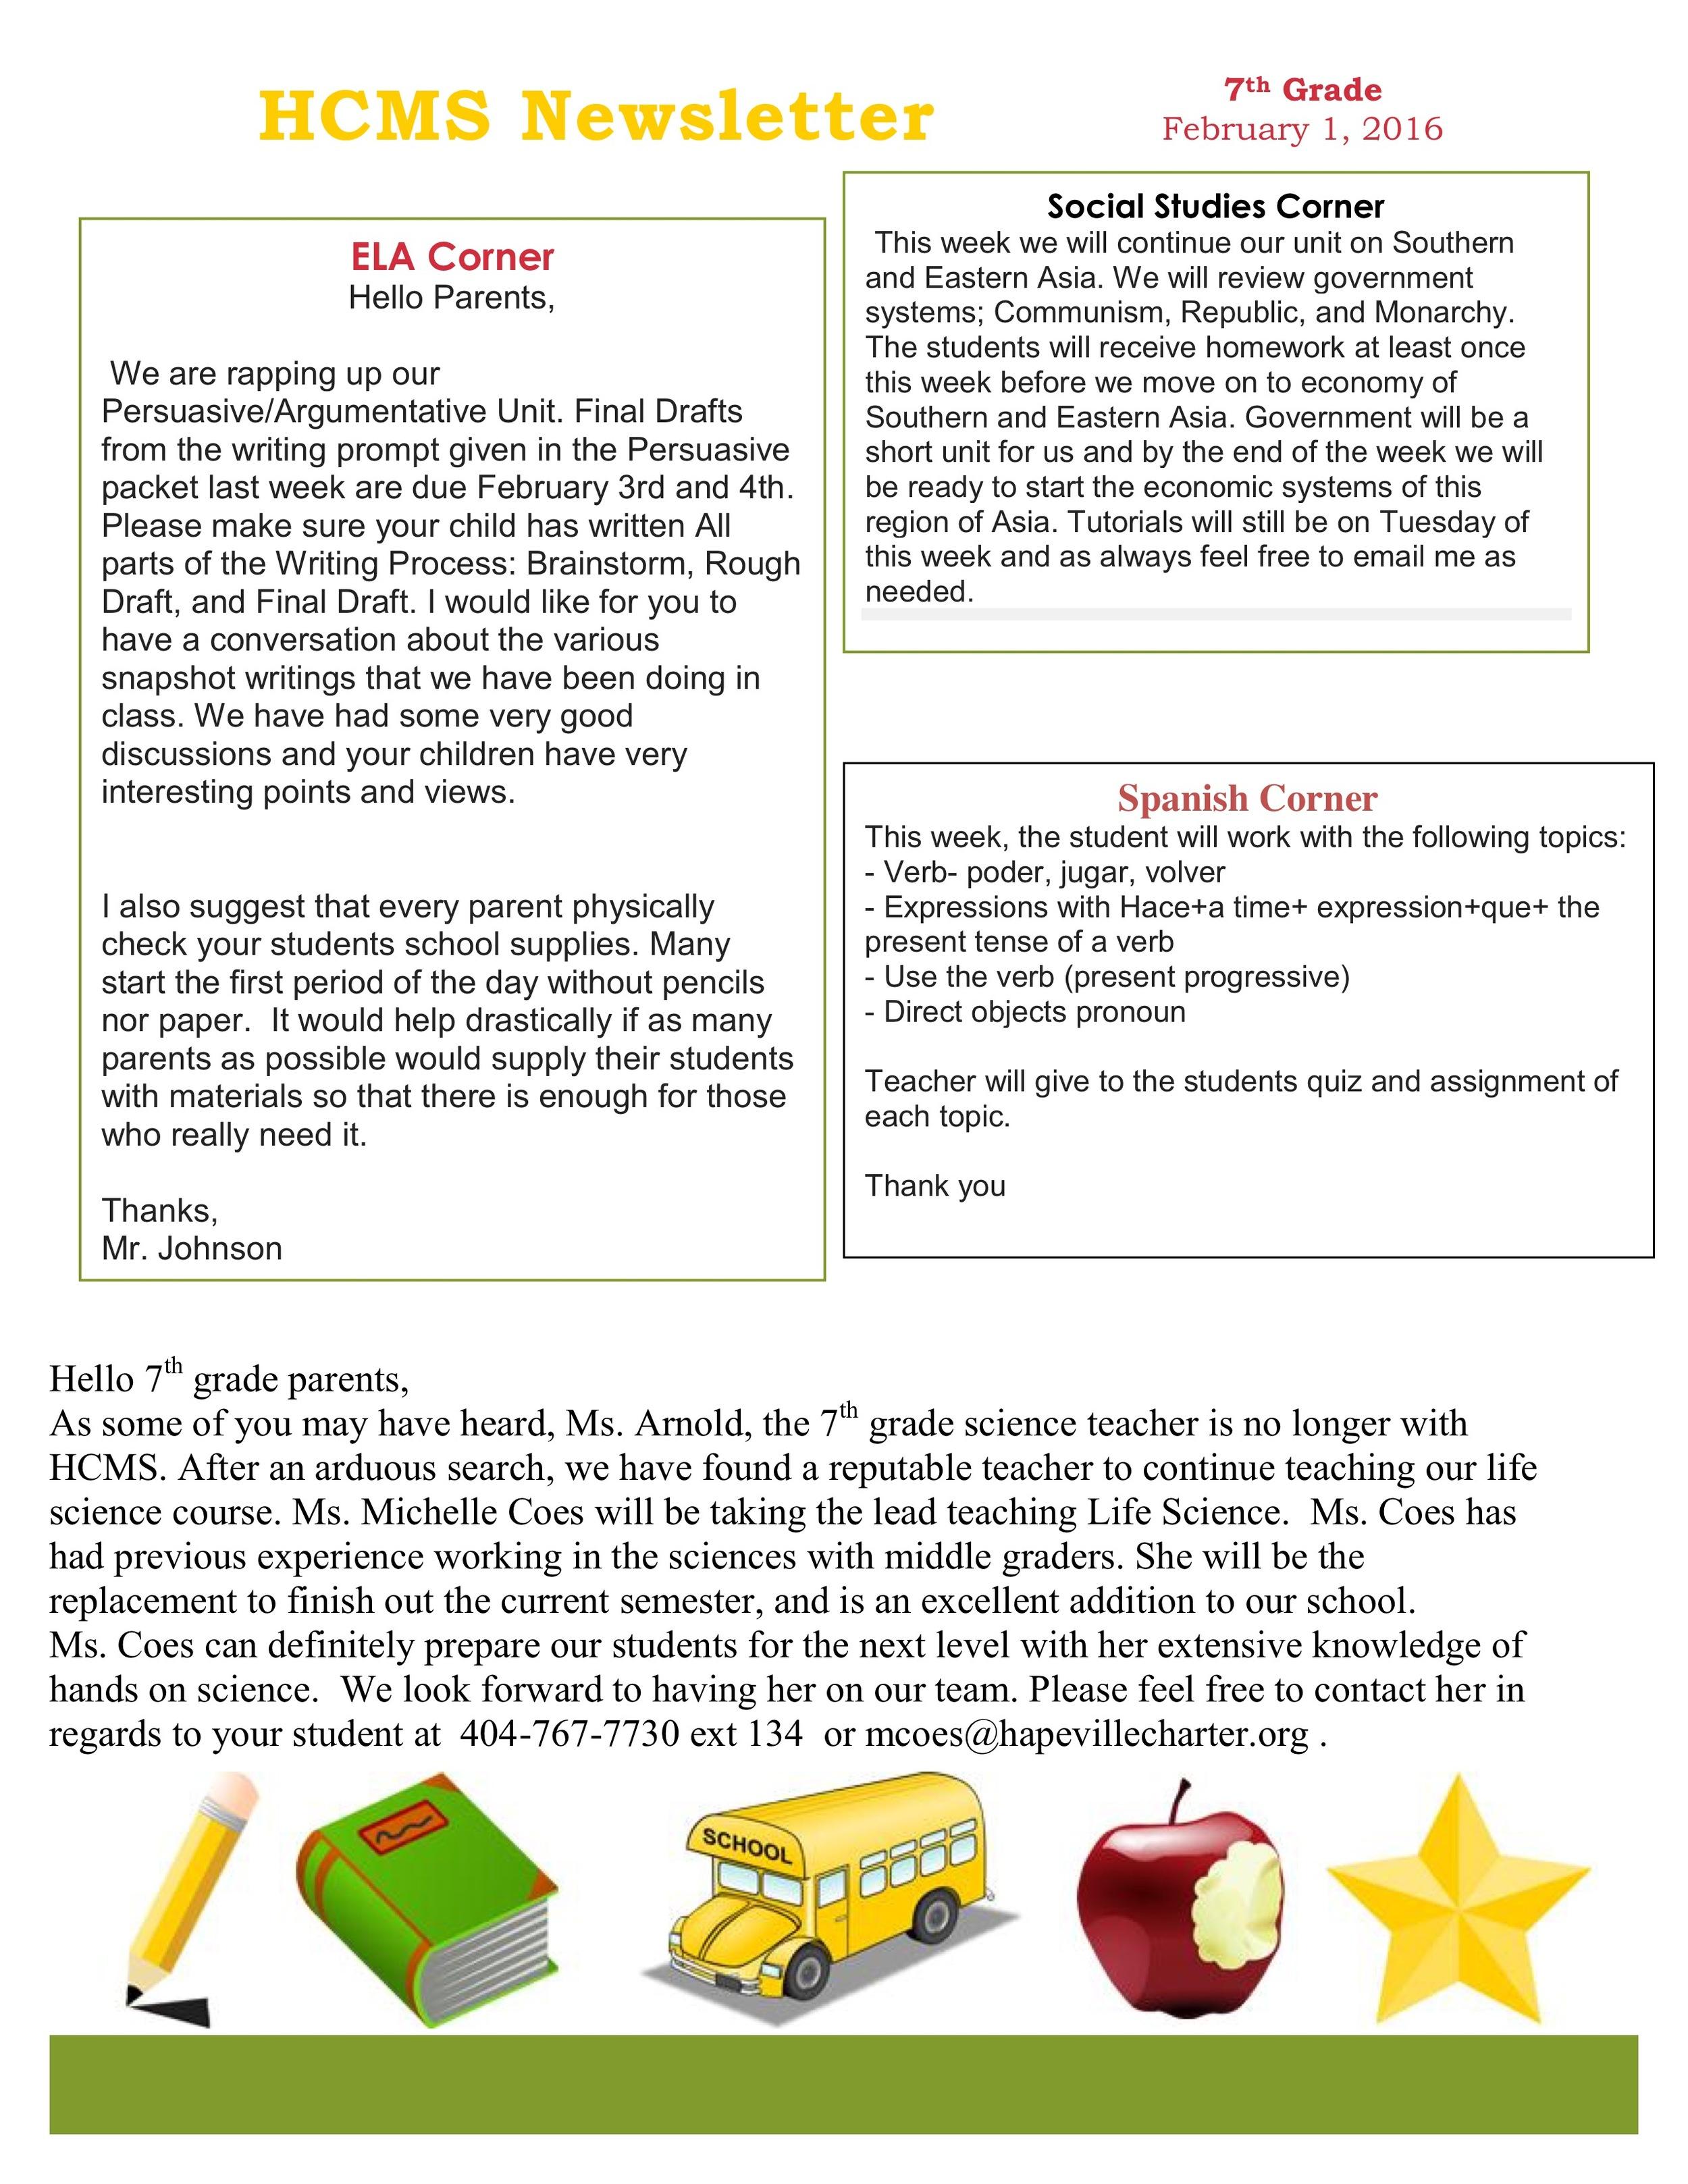 Newsletter Image7th-grade-February-2.jpeg